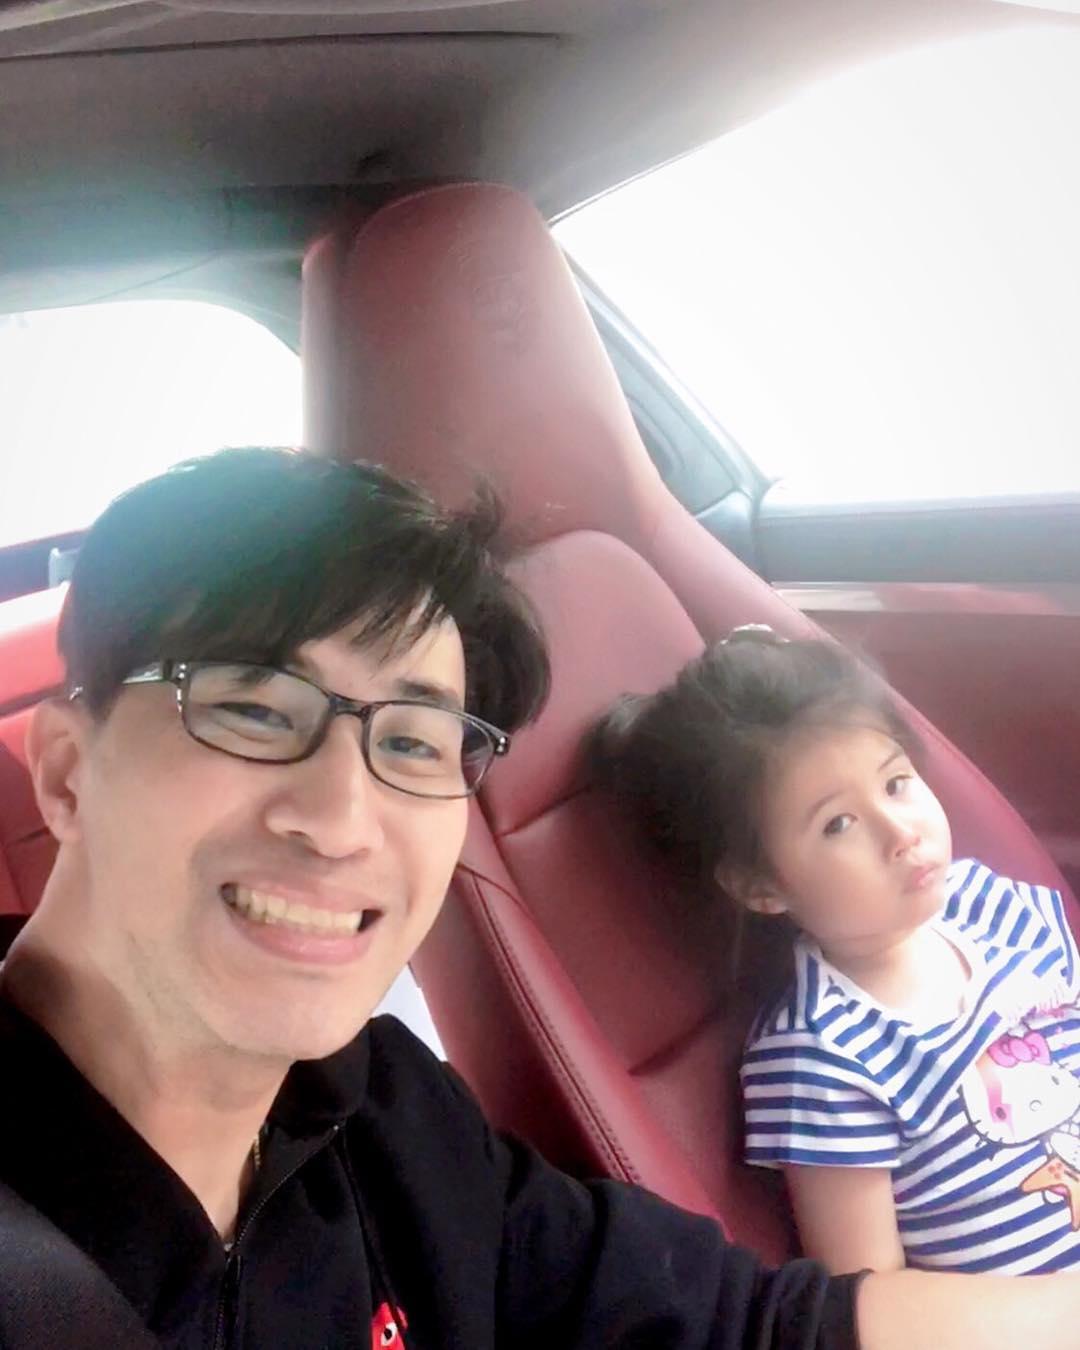 หนุ่ม กรรชัย และน้องมายู ขอบคุณภาพจากไอจี @kanchai